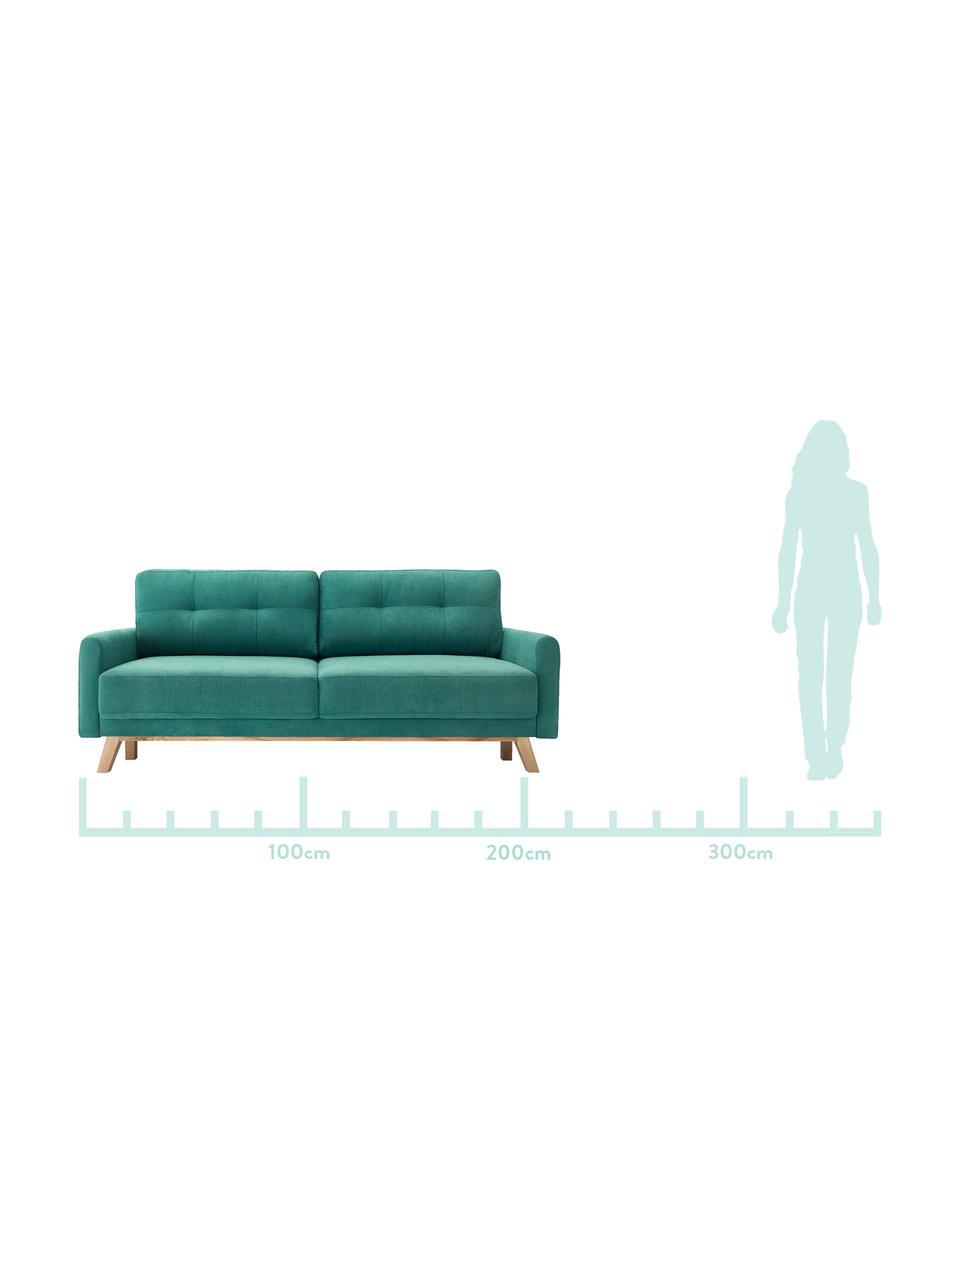 Divano letto 3 posti in verde smeraldo con contenitore Balio, Rivestimento: 100% velluto di poliester, Piedini: Legno, Verde smeraldo, Larg. 216 x Alt. 102 cm